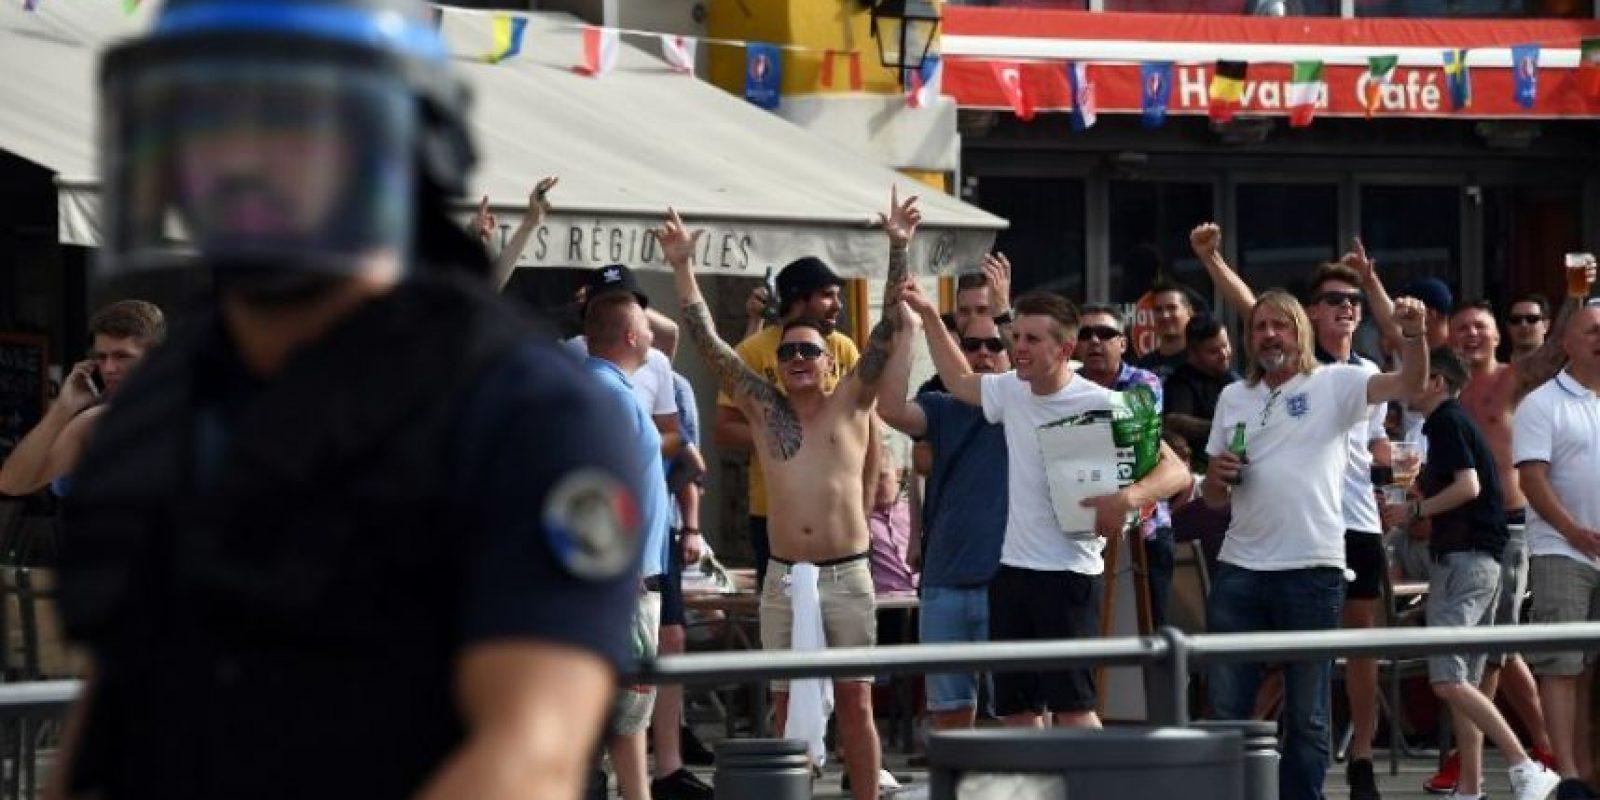 Los gases lacrimógenos volvieron a aparecer Foto:AFP